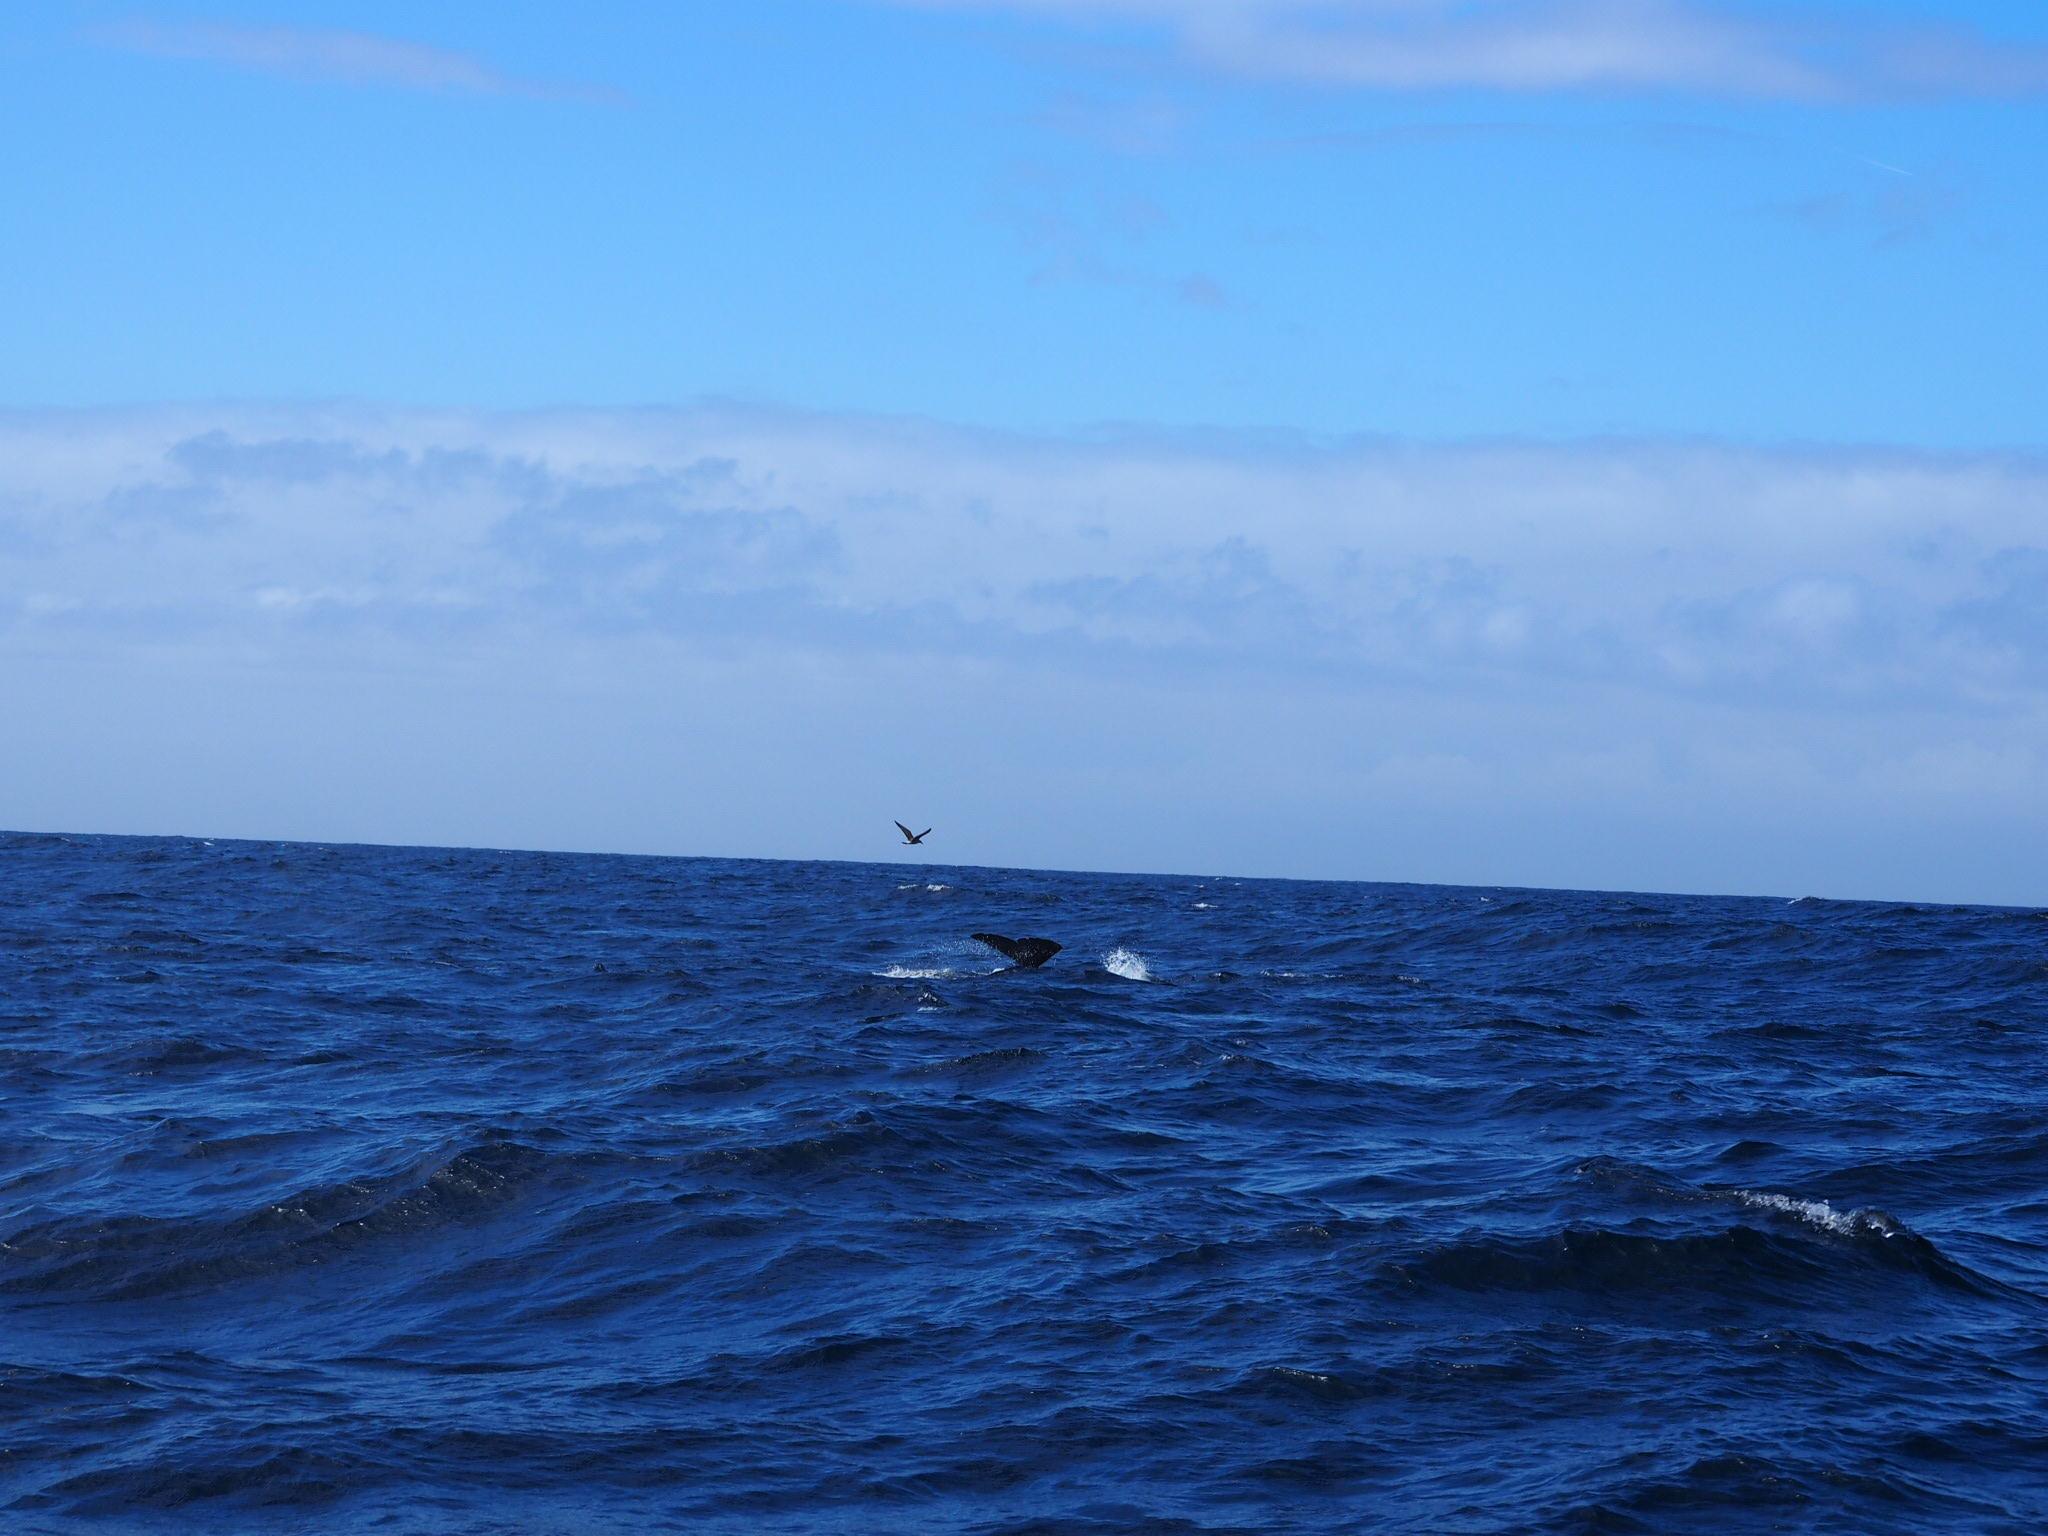 A juvenile sperm whale attempting a dive!